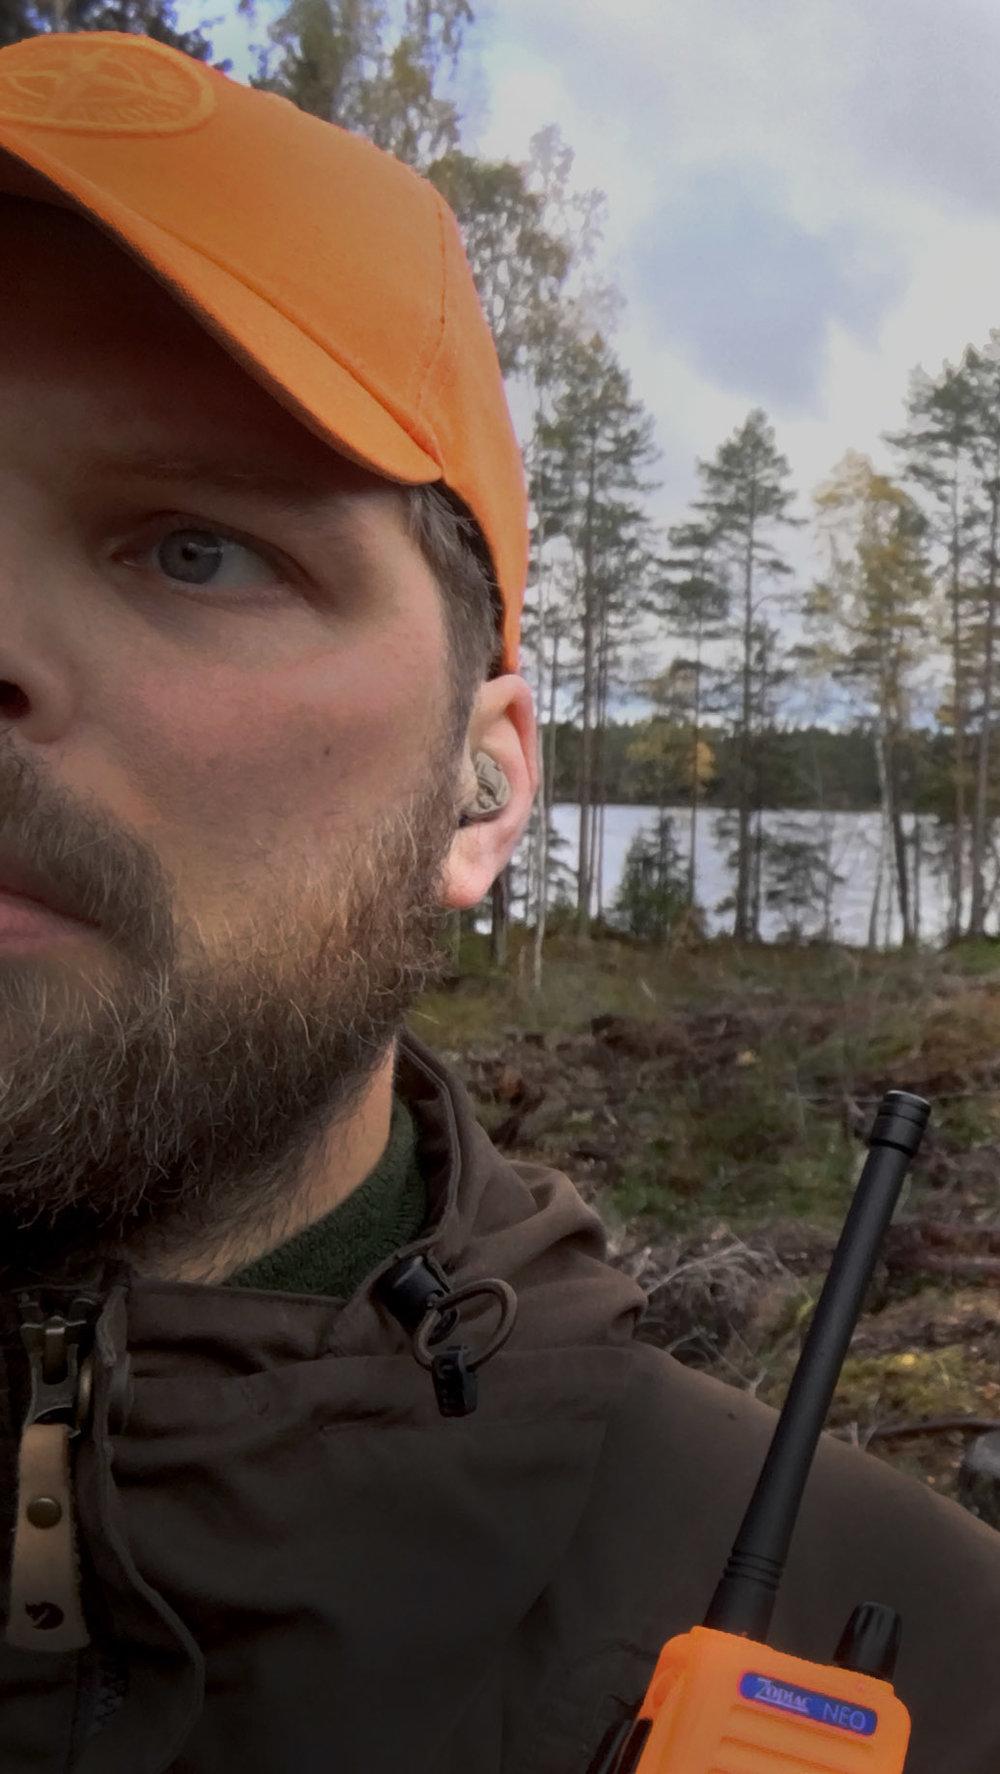 Väl på plats i örat märks hörselskydden knappt.